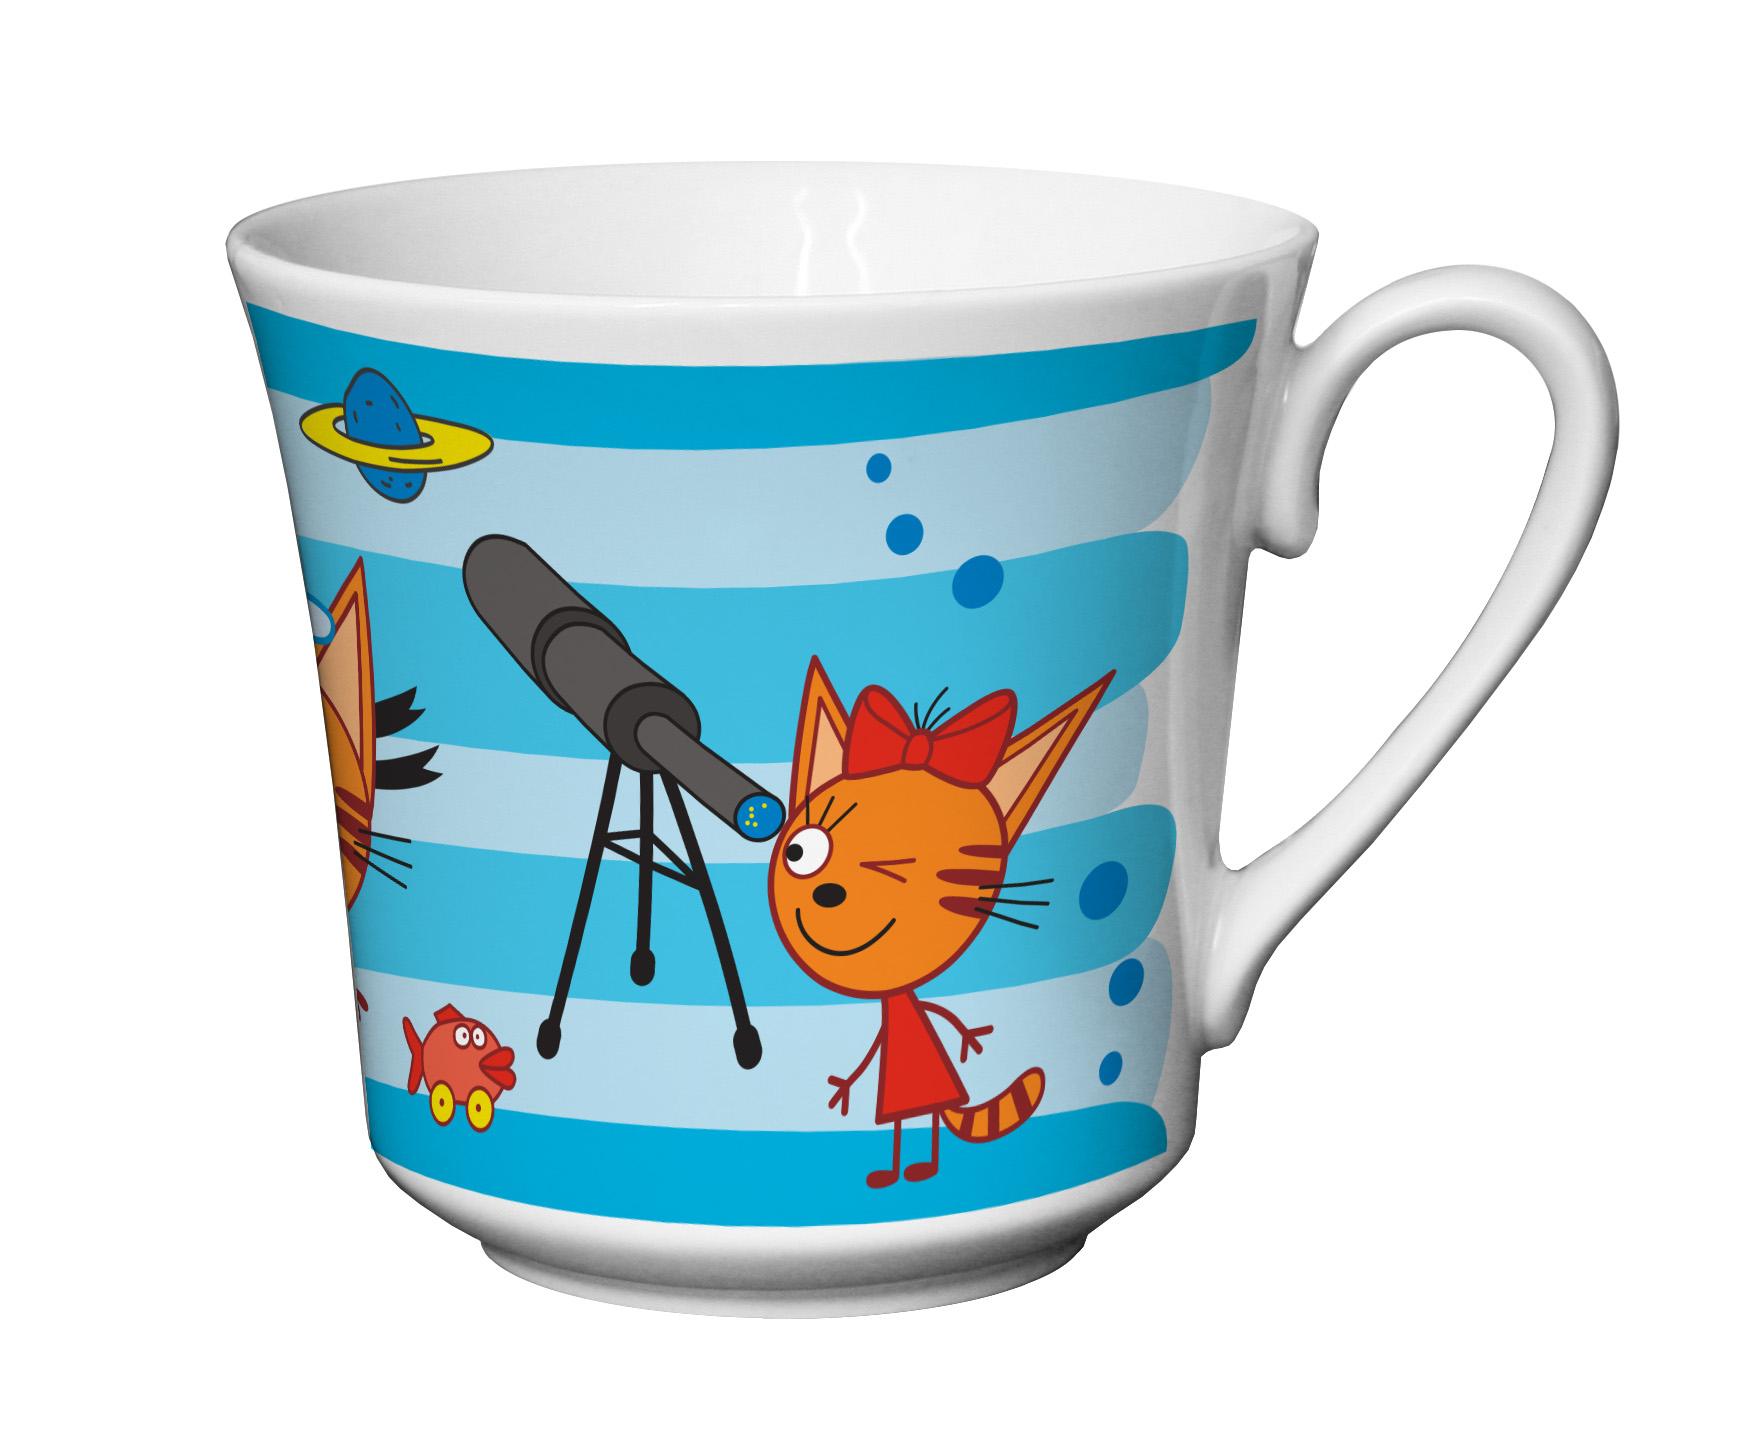 Картинка чашки для детей